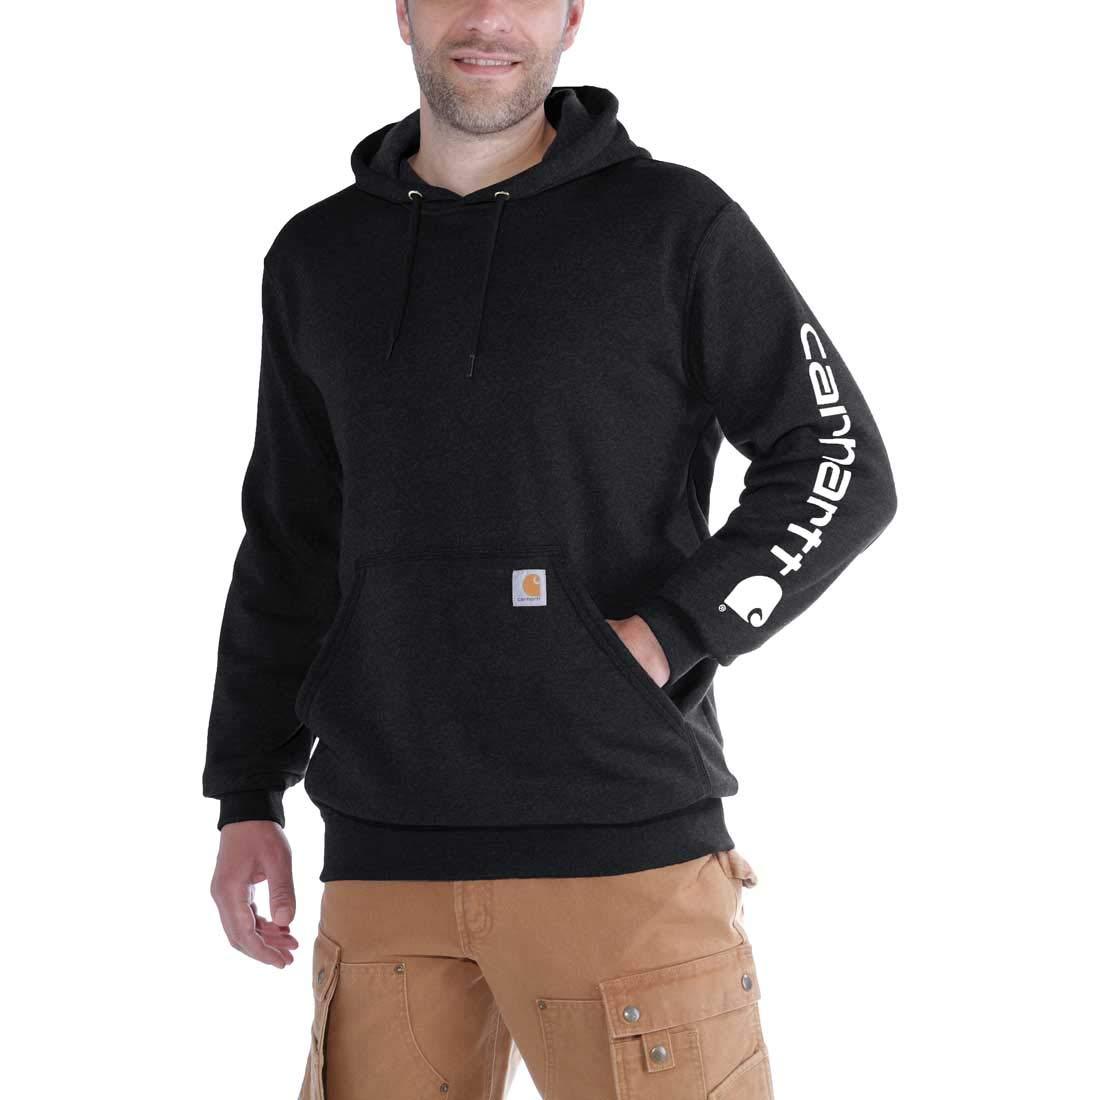 Carhartt Workwear K288 Herren-Sweatshirt mit Kapuze - Mittelschwer - Langärmelig mit Logo